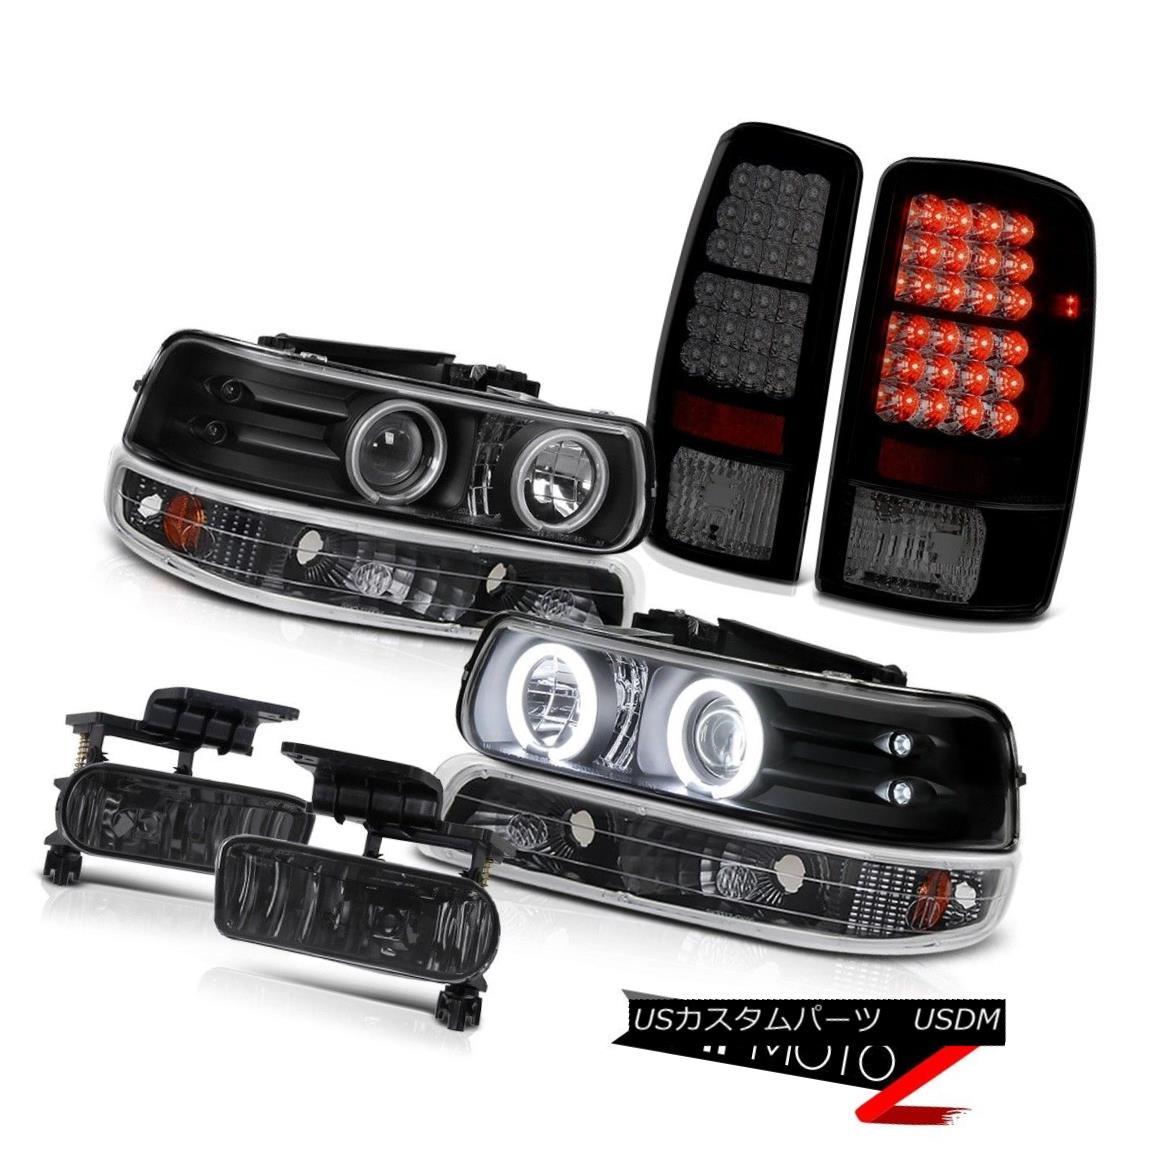 テールライト C.C.F.L Angel Eye Headlights Black Parking LED Taillamp Foglamp 00-06 Tahoe 4.8L C.C.F.LエンジェルアイヘッドライトブラックパーキングLEDタイルランプフォグランプ00-06タホ4.8L